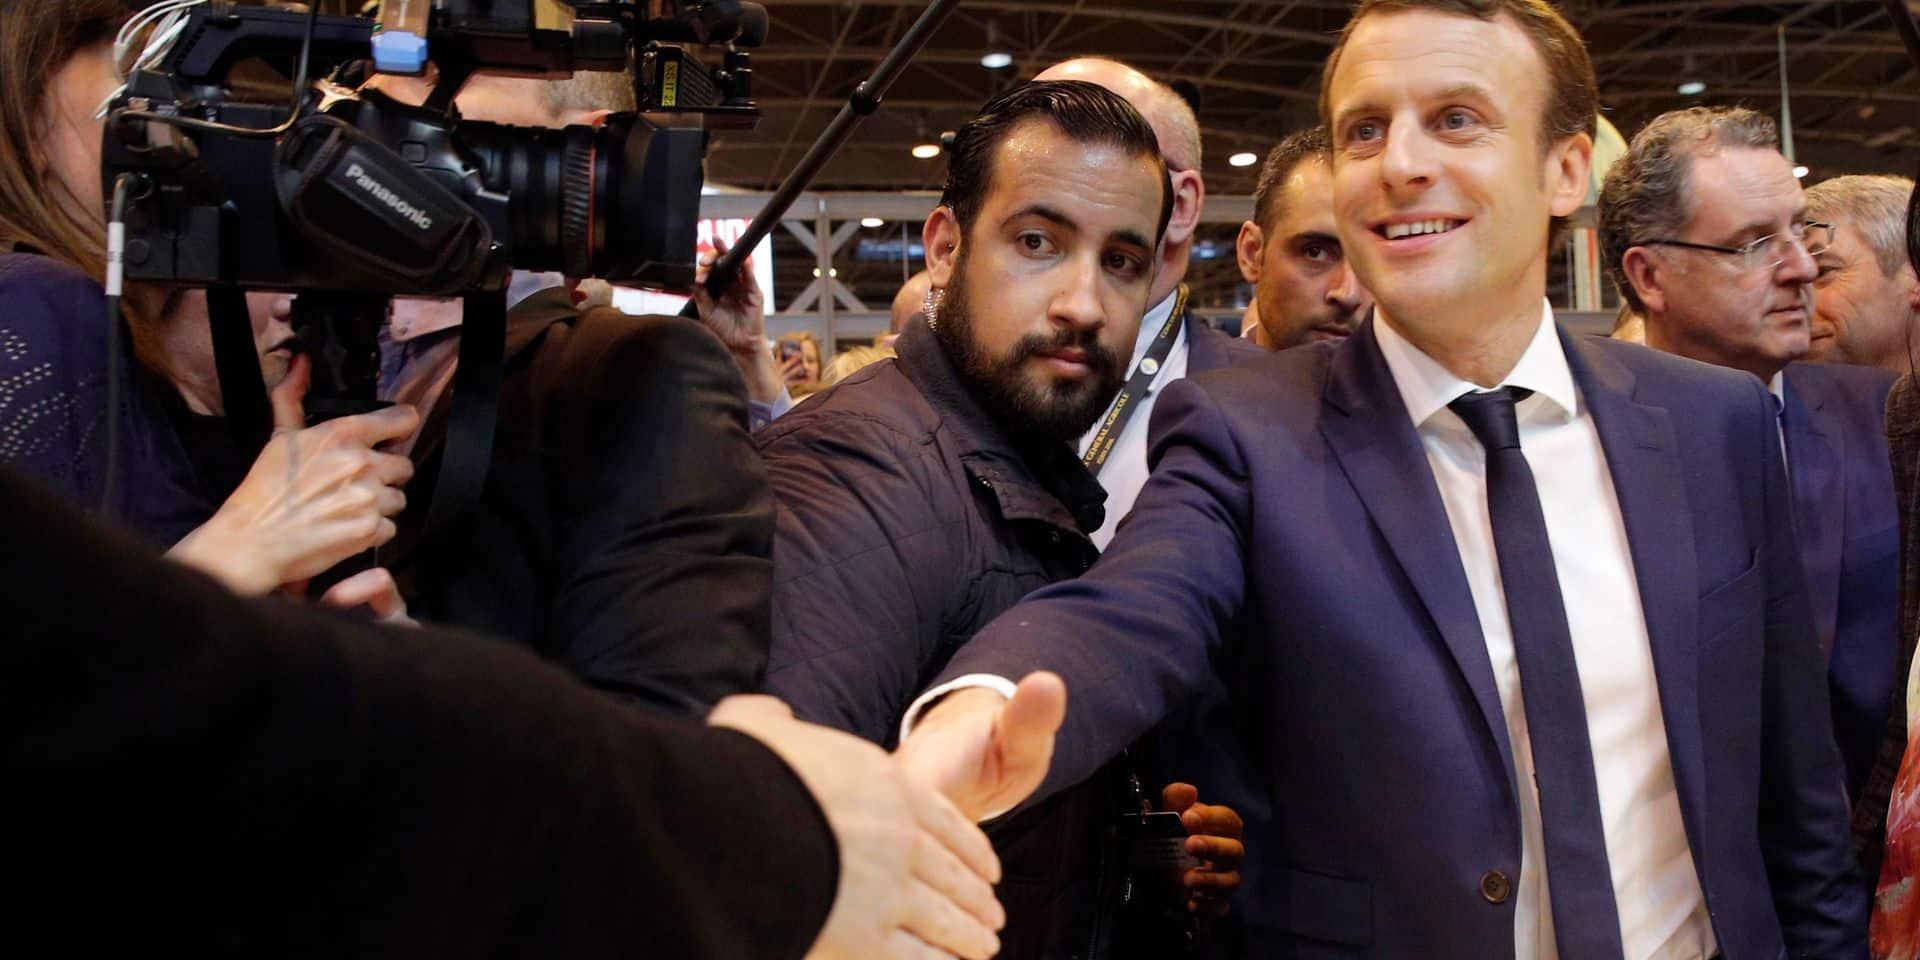 """""""Le gorille a été protégé"""", """"un climat nauséabond"""" : dans l'affaire Benalla, la presse française soupçonne Macron"""